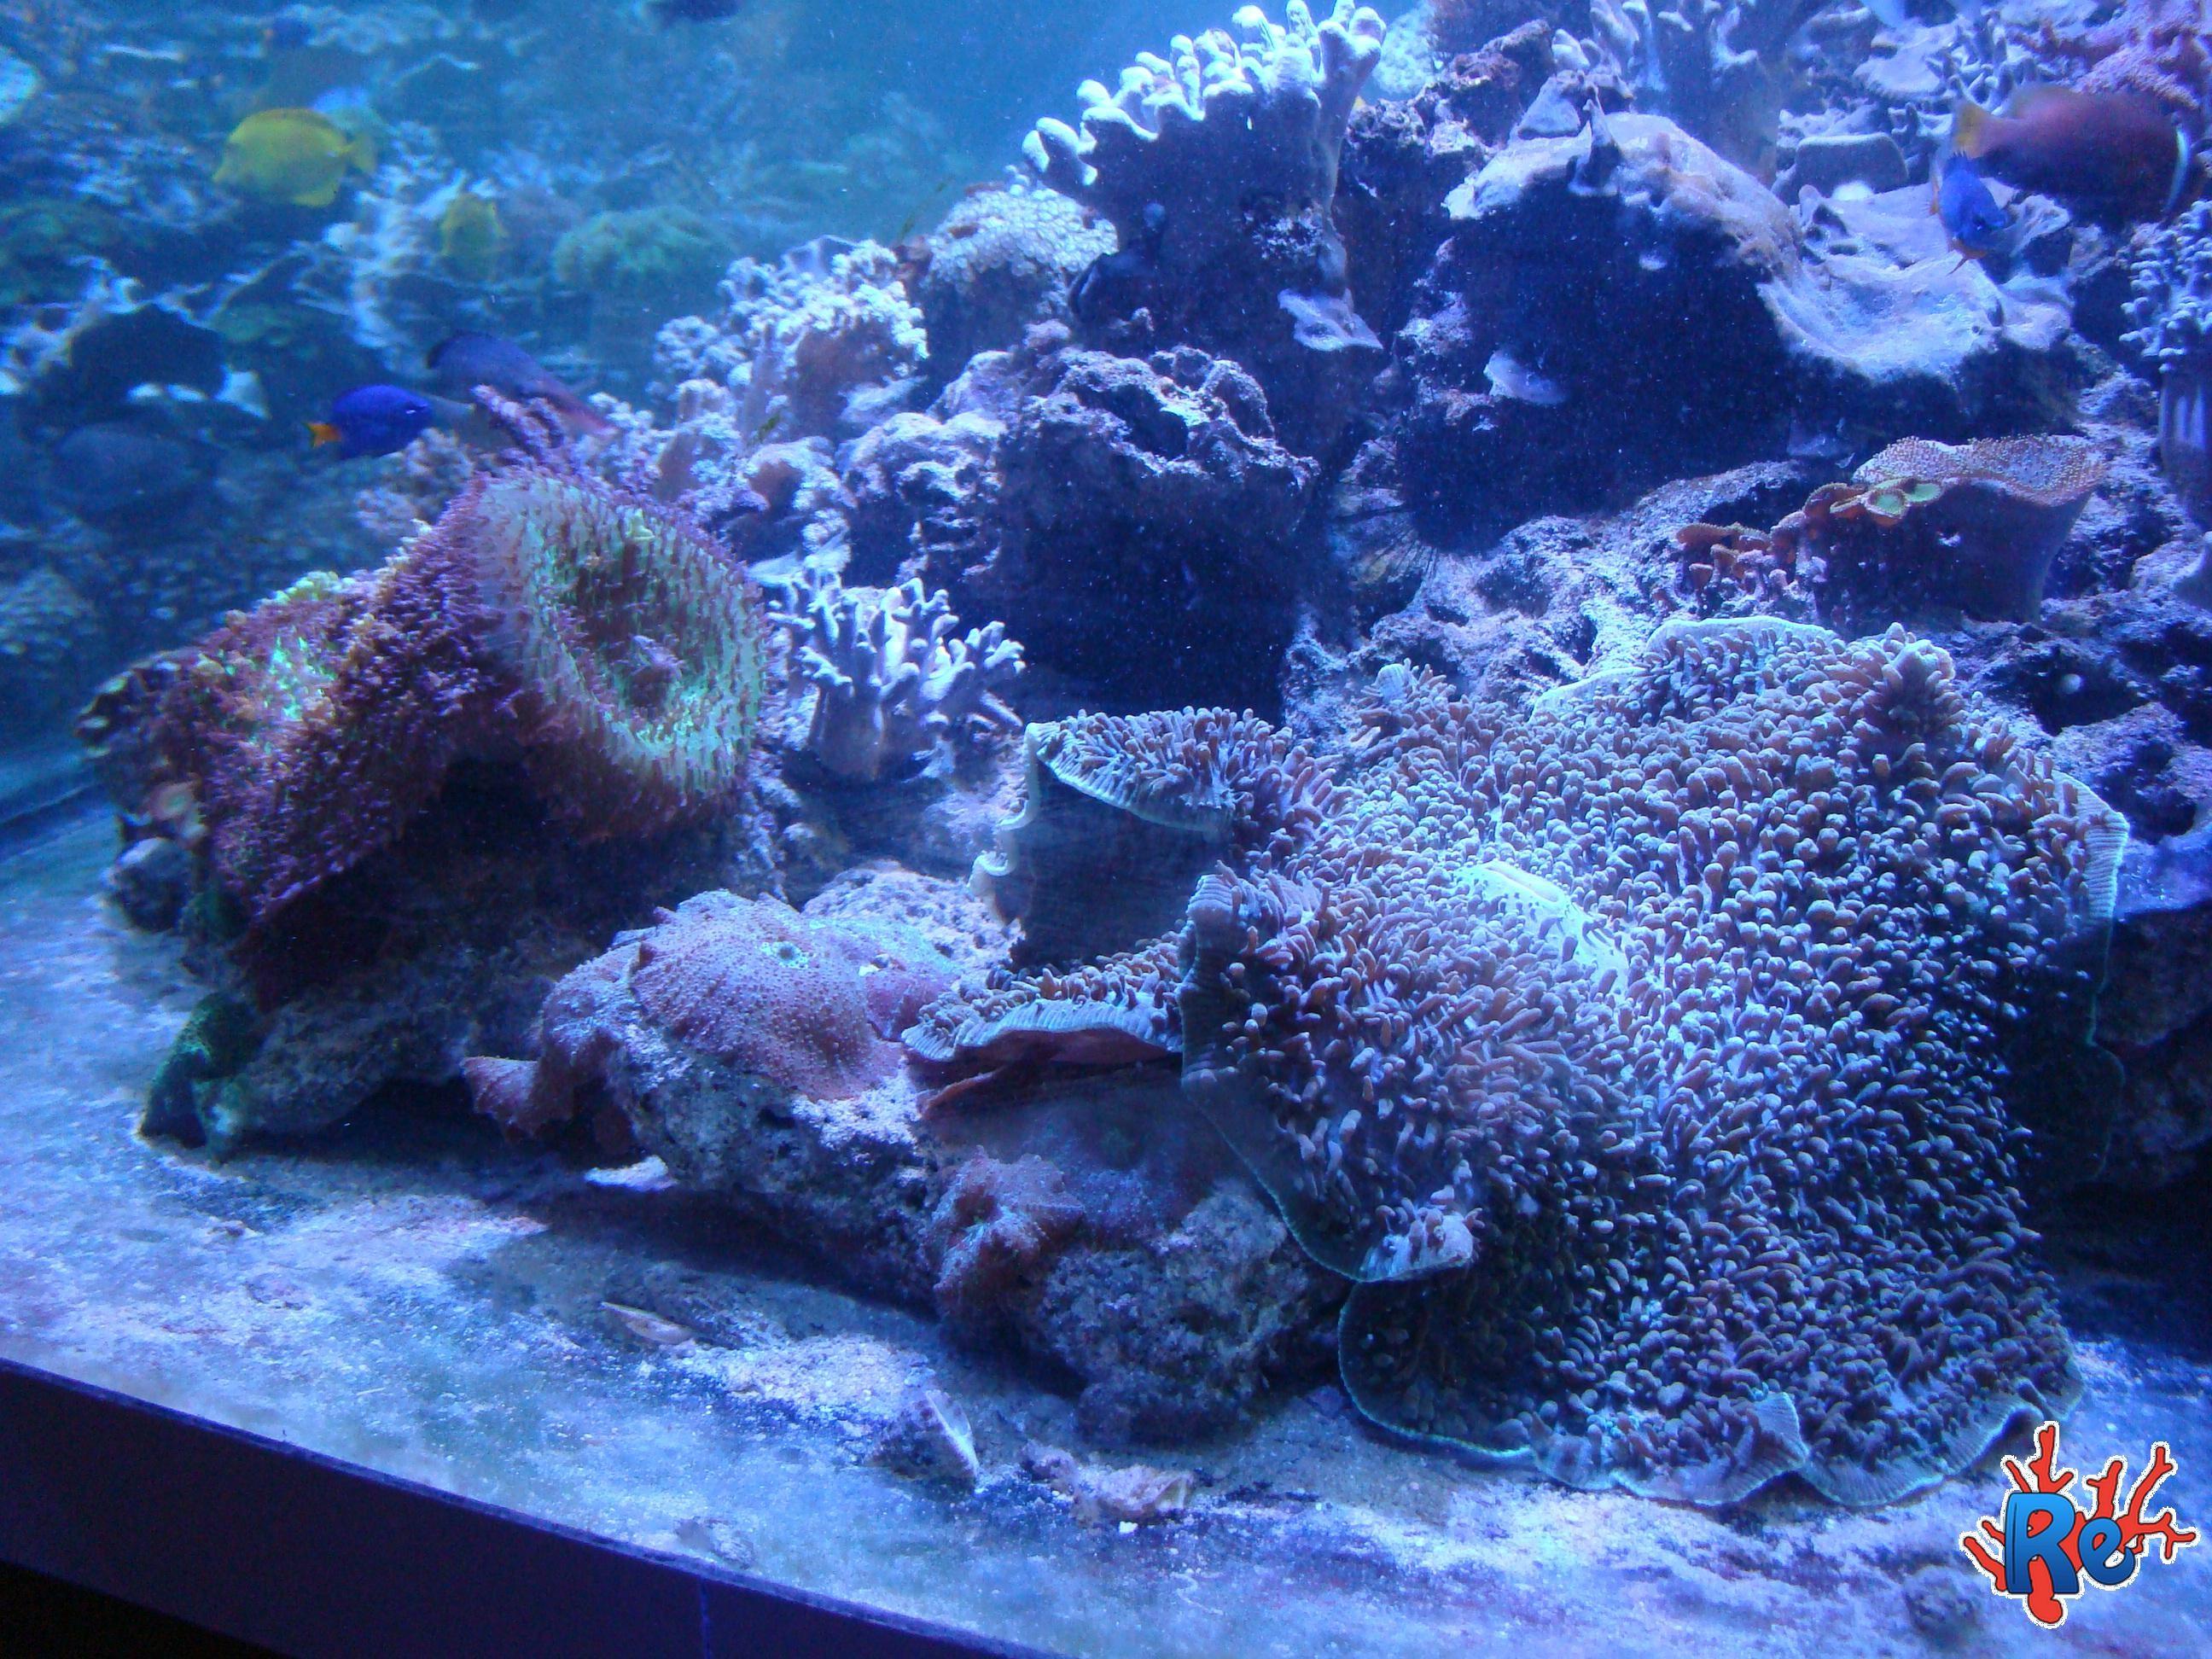 Sfondi per acquari 57 immagini for Immagini coralli marini